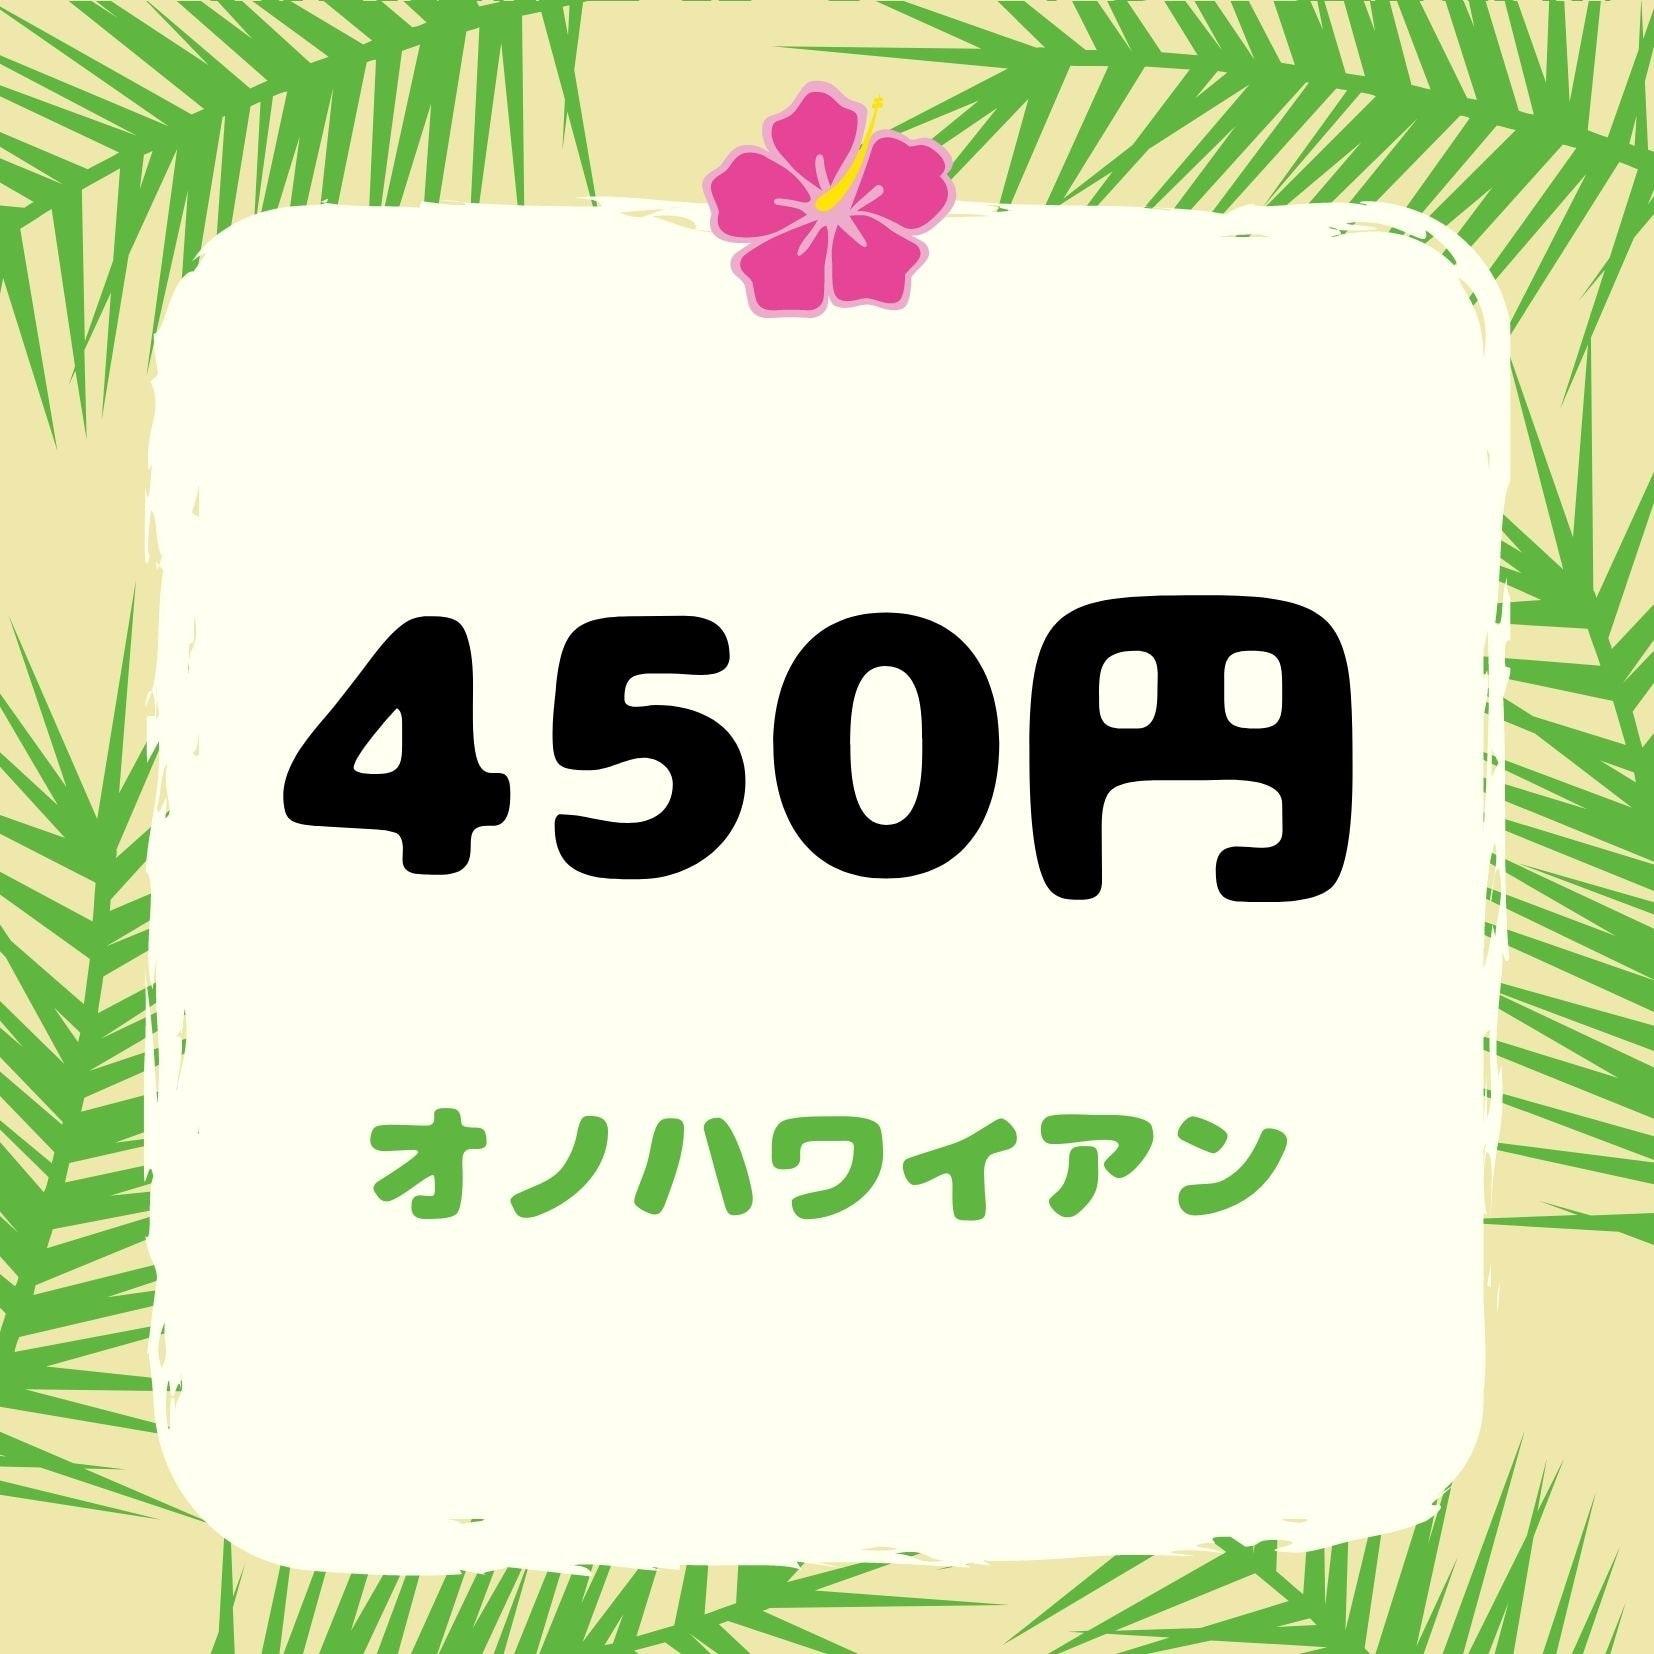 450円【店頭払い専用】ノンアルコールビール等のイメージその1